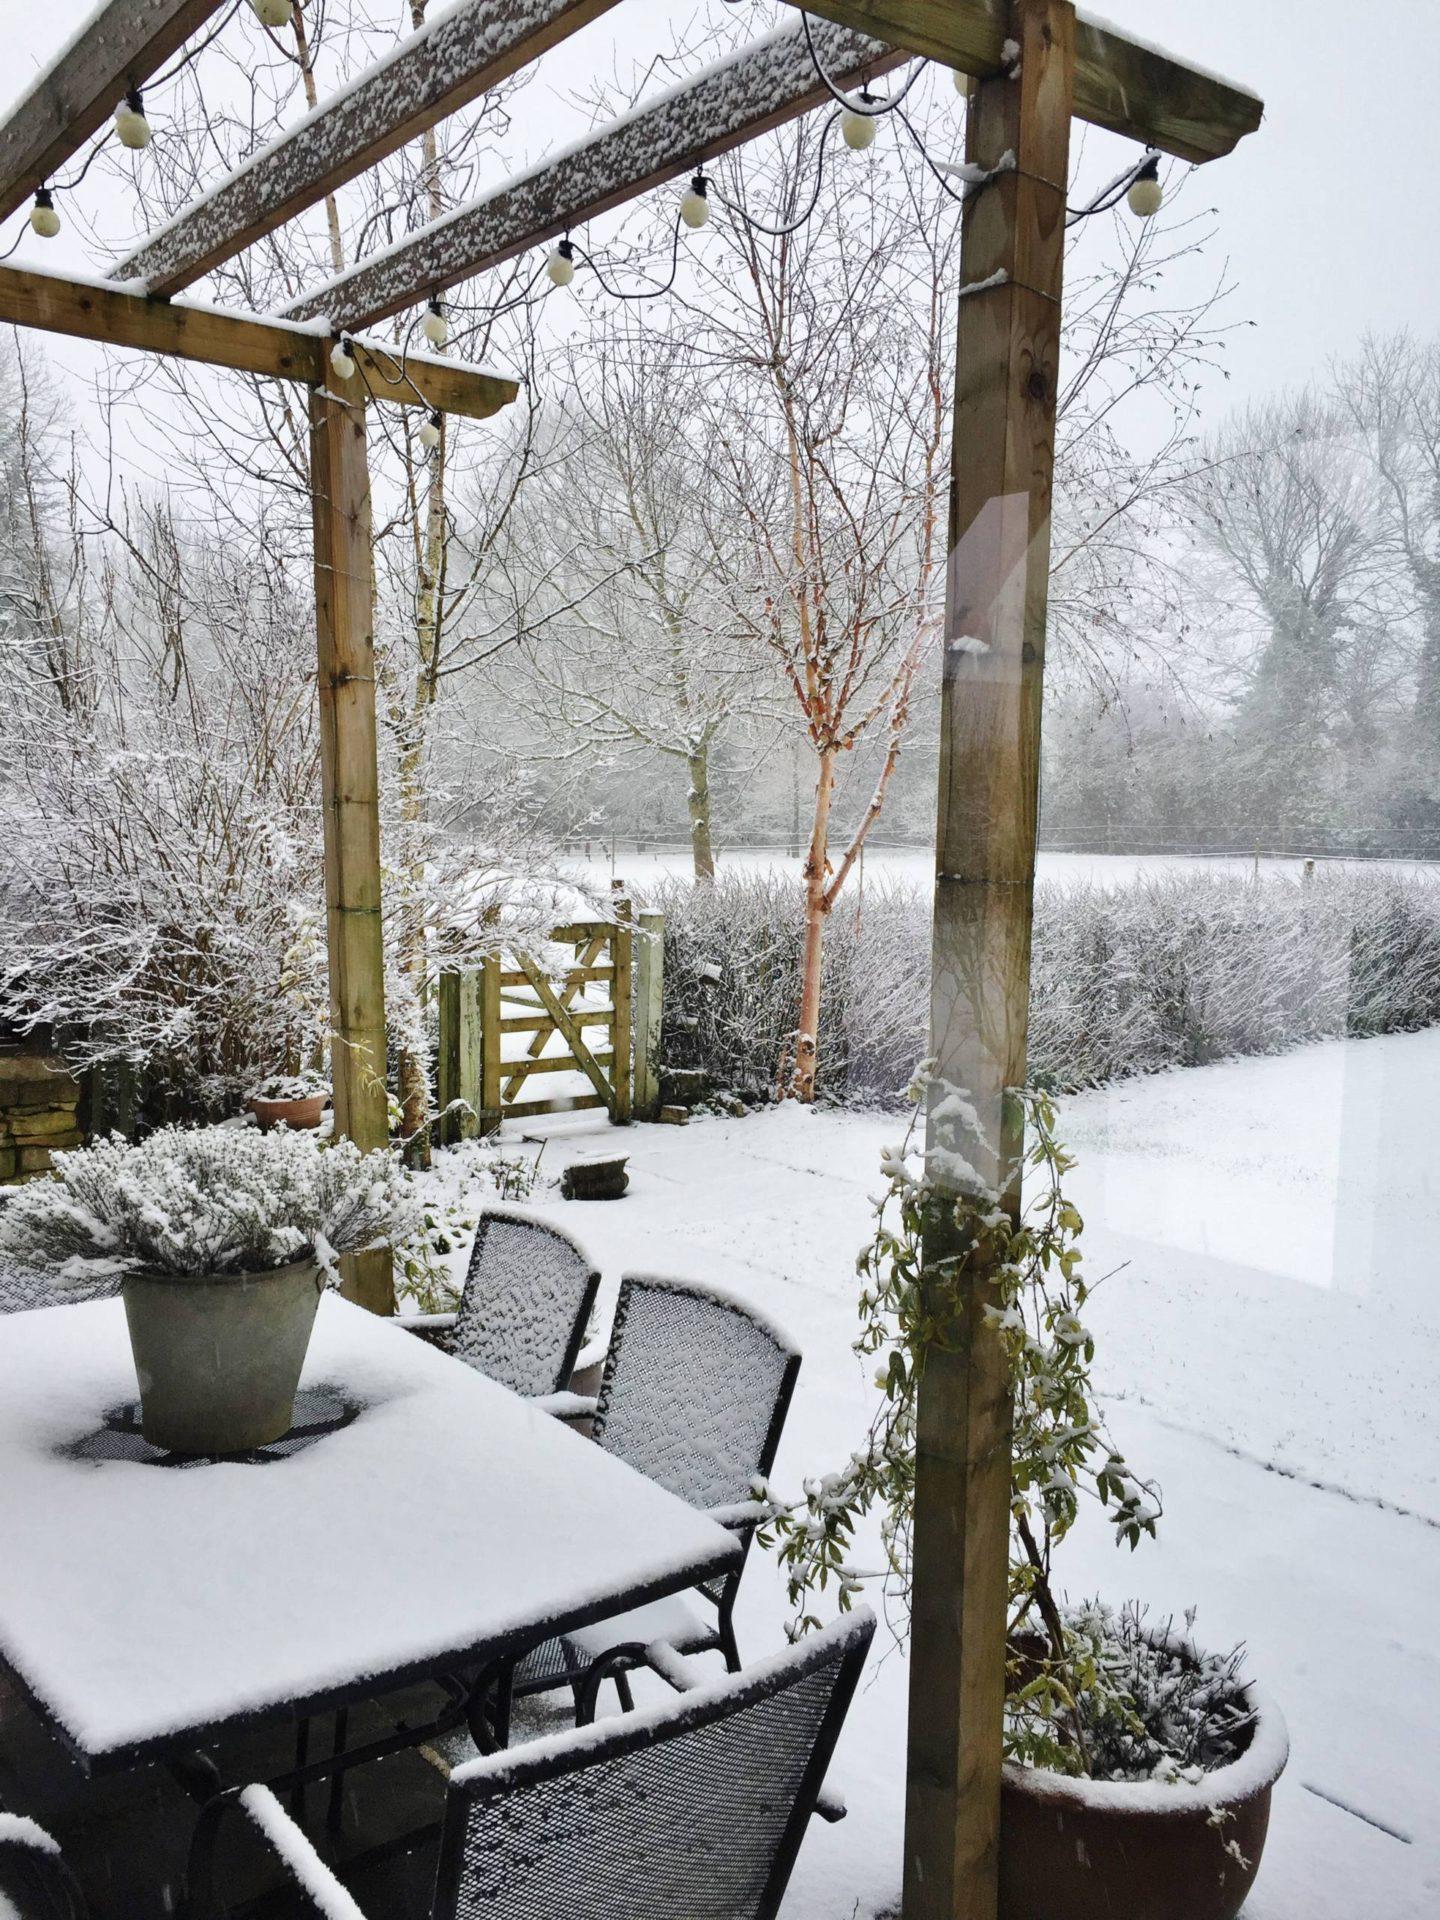 Ashwell Barn Chedworth Snow Airbnb